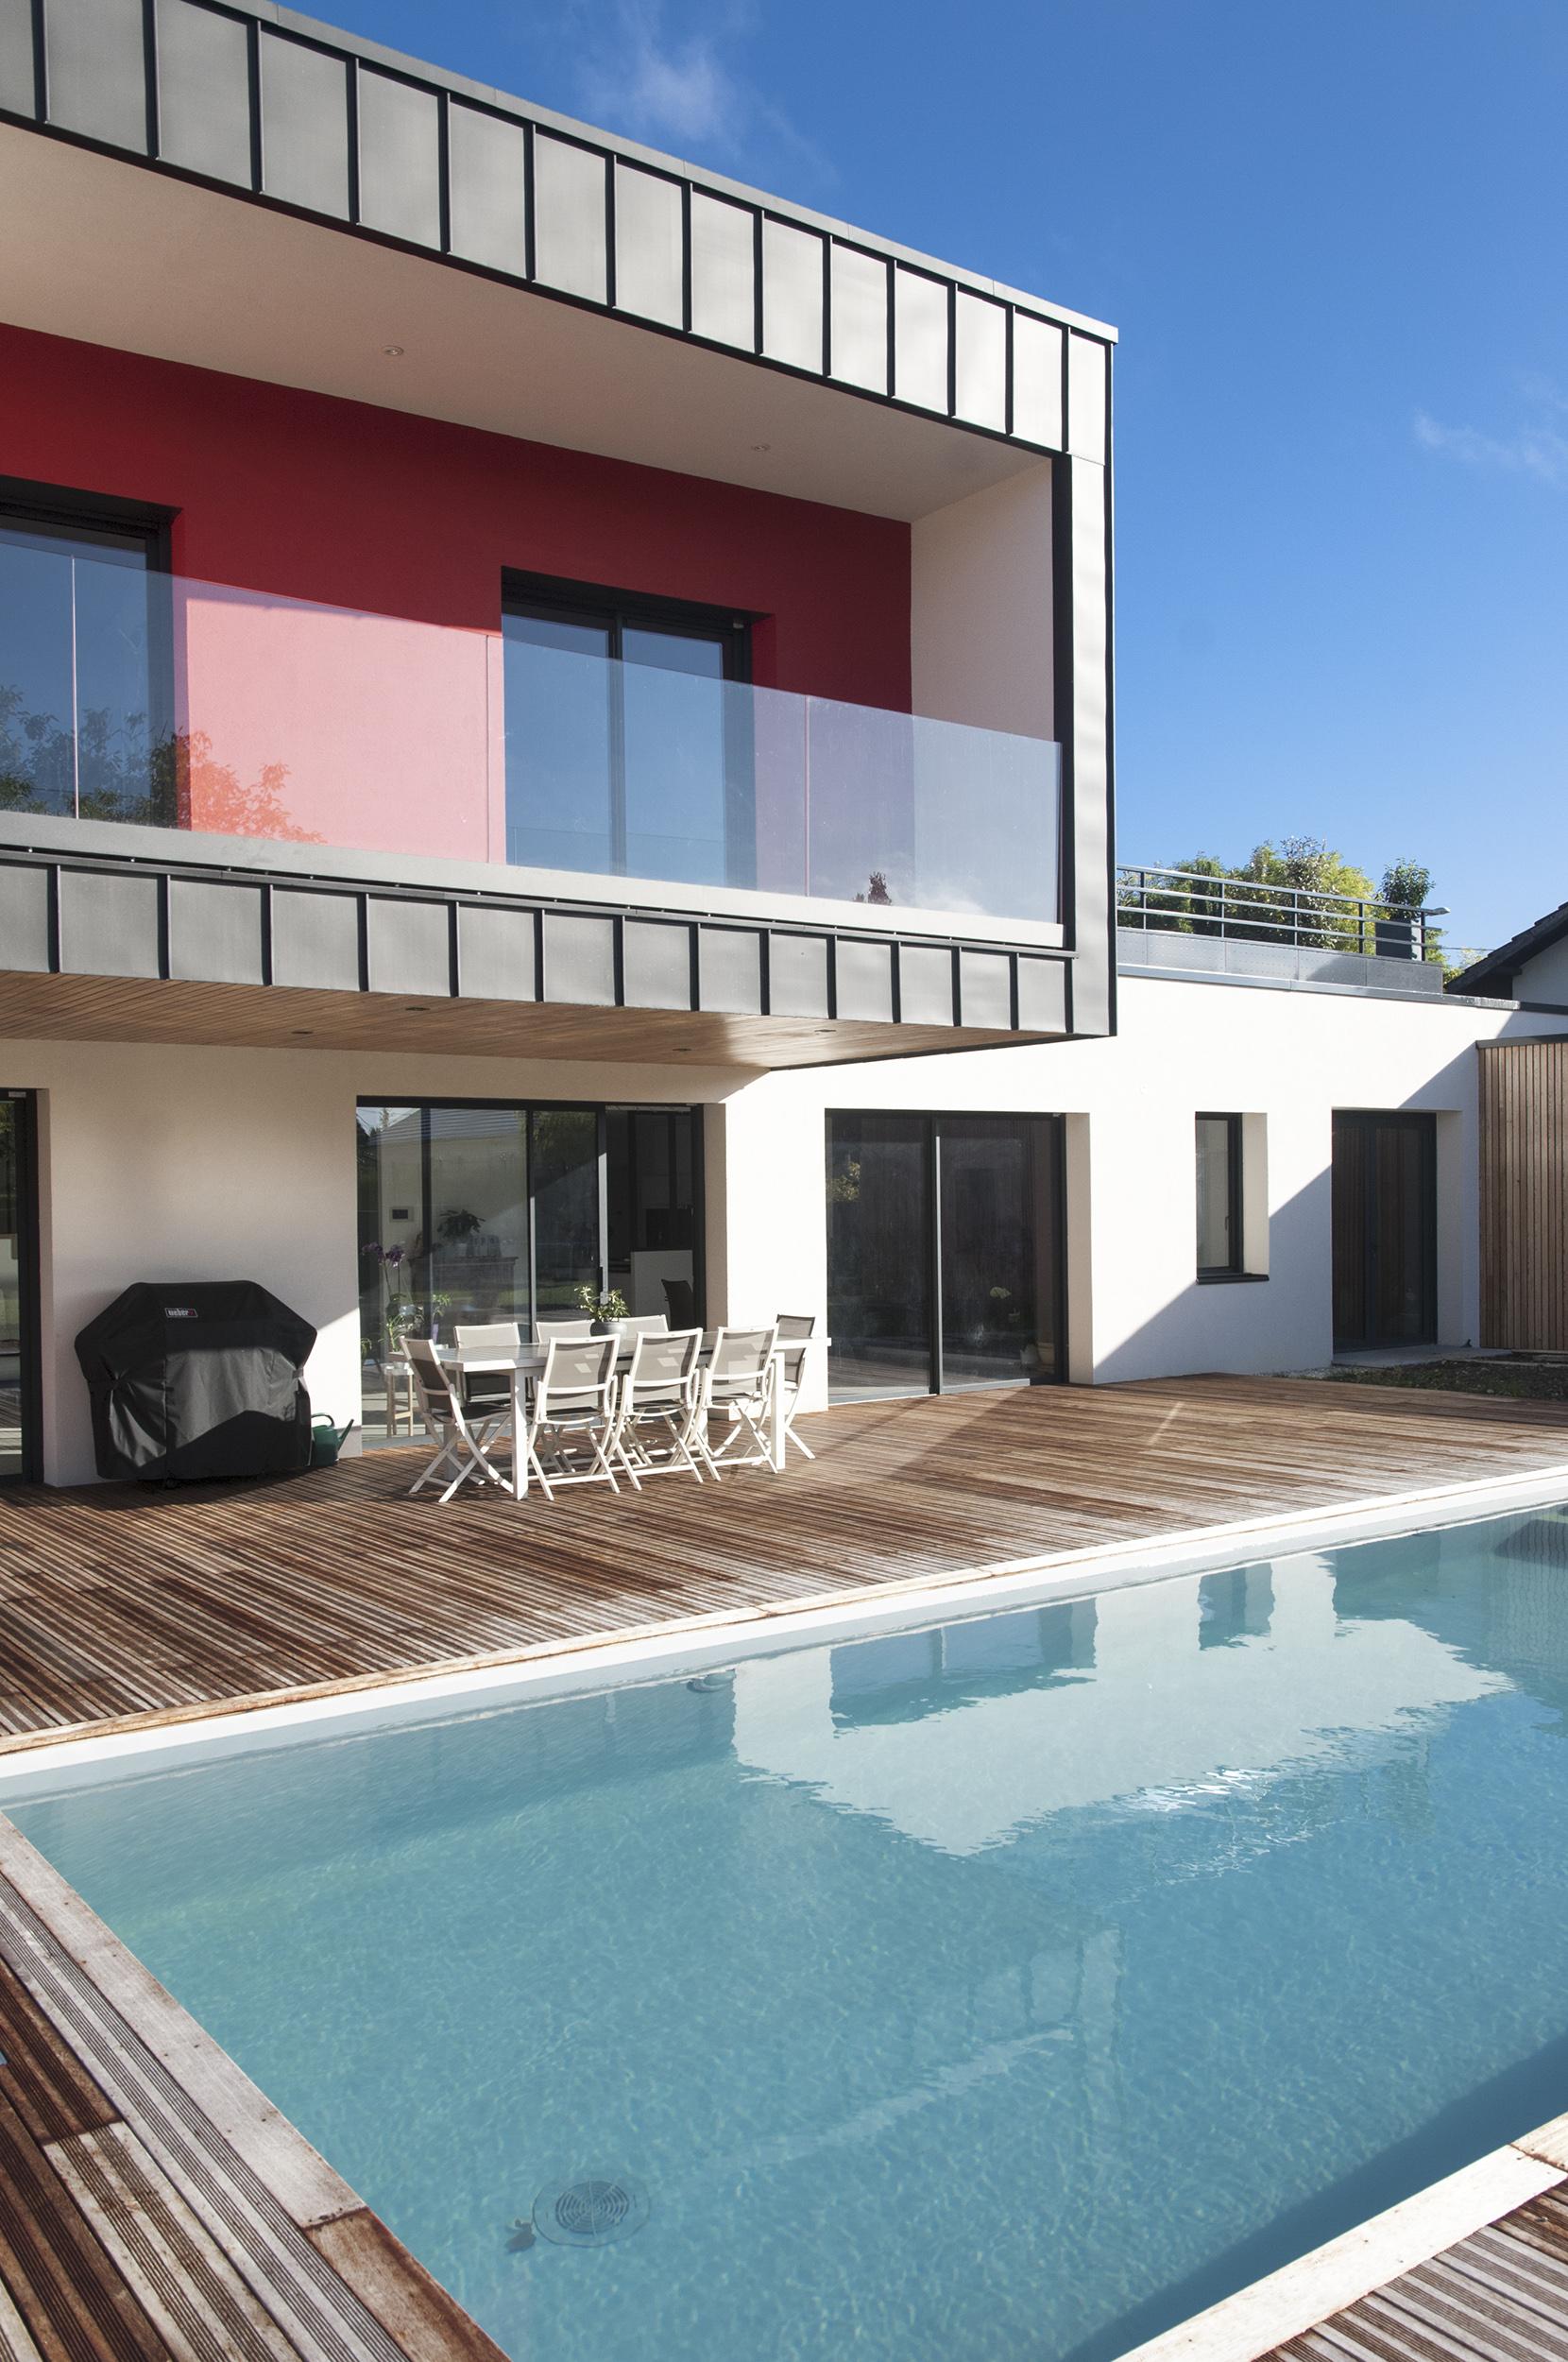 Chouette architecture - Villa Dijon - 2500 30